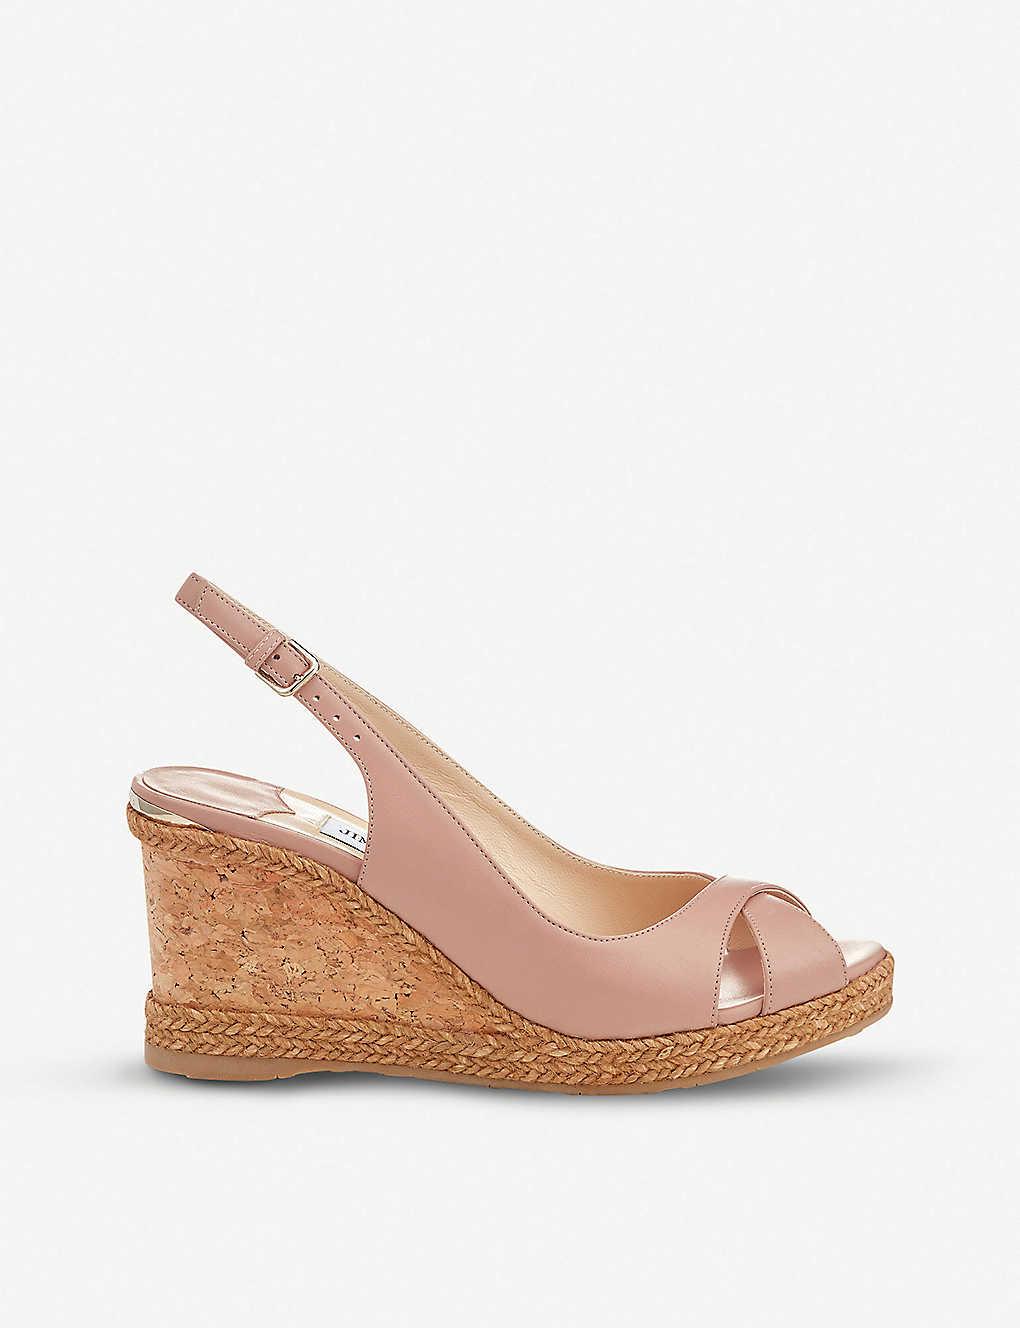 af053a41b8c2 Amely 80 leather slingback wedge sandals - Ballet pink ...